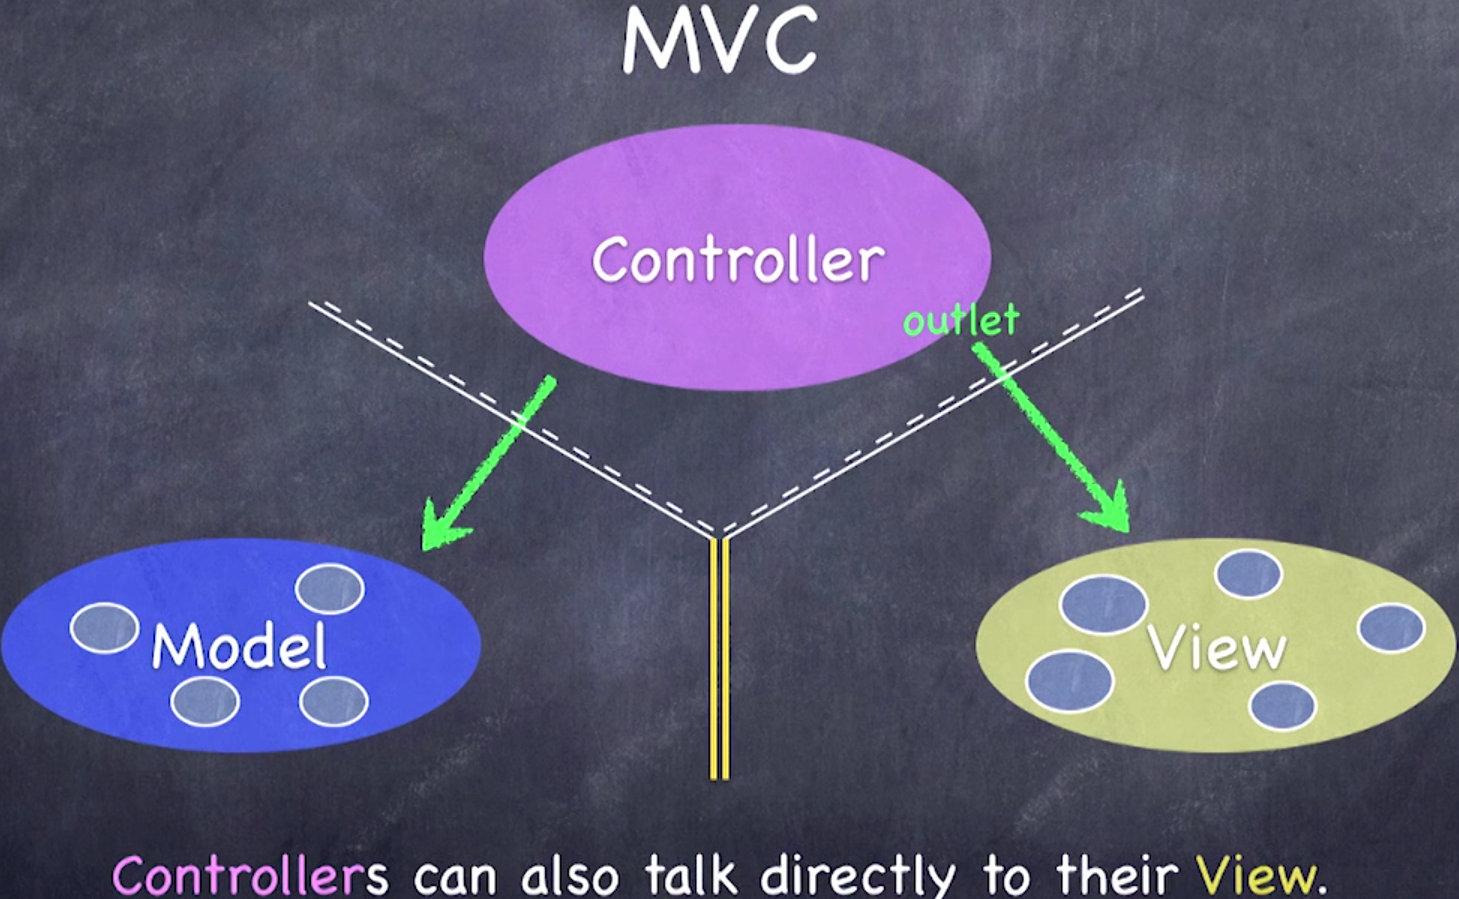 控制器也可以直接访问视图